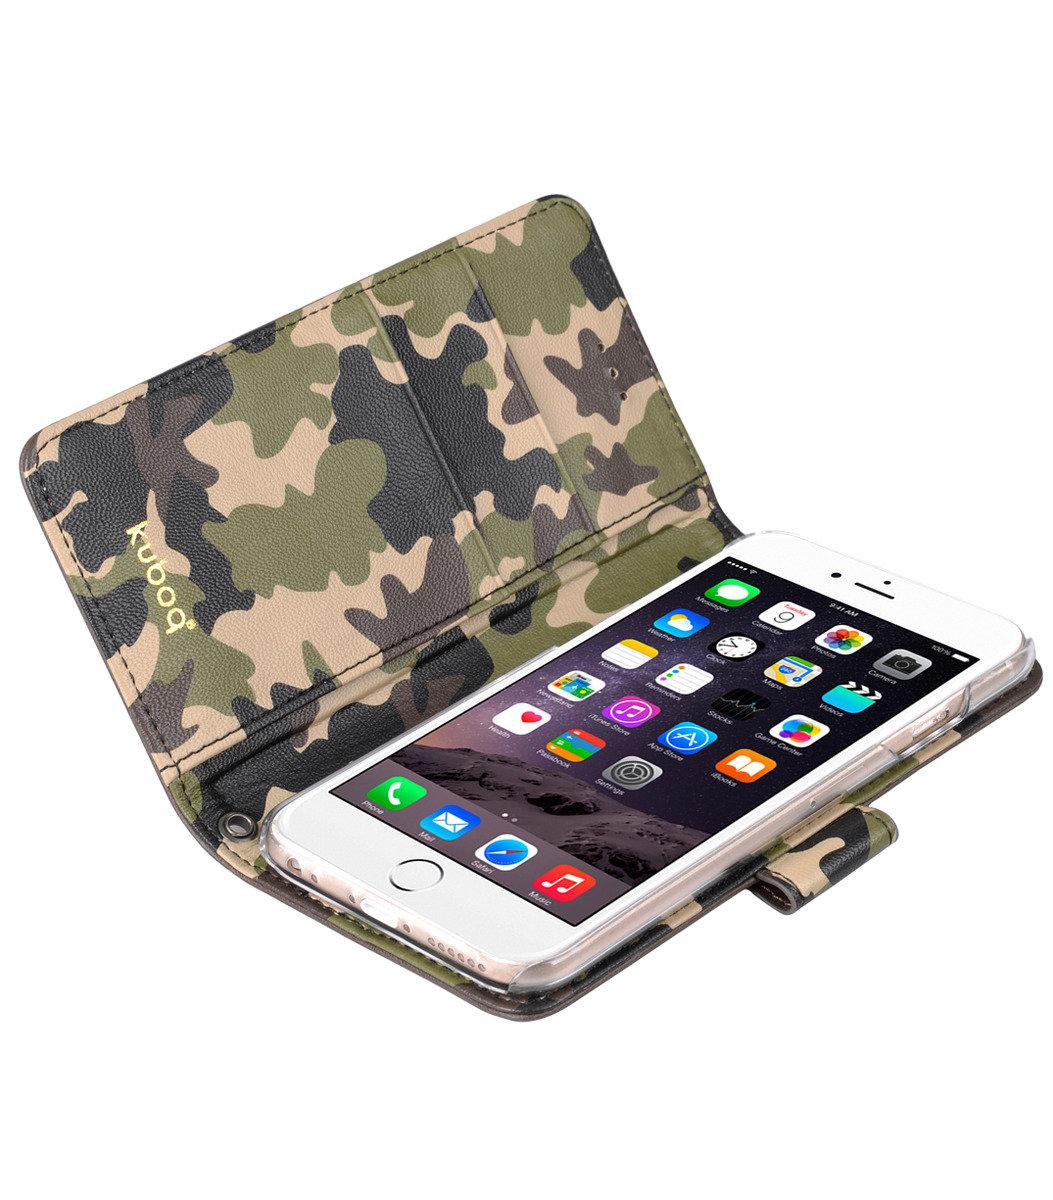 Kuboq日本迷彩風格iPhone 6s Plus / 6 Plus PU手機套 (咖啡色/迷彩)